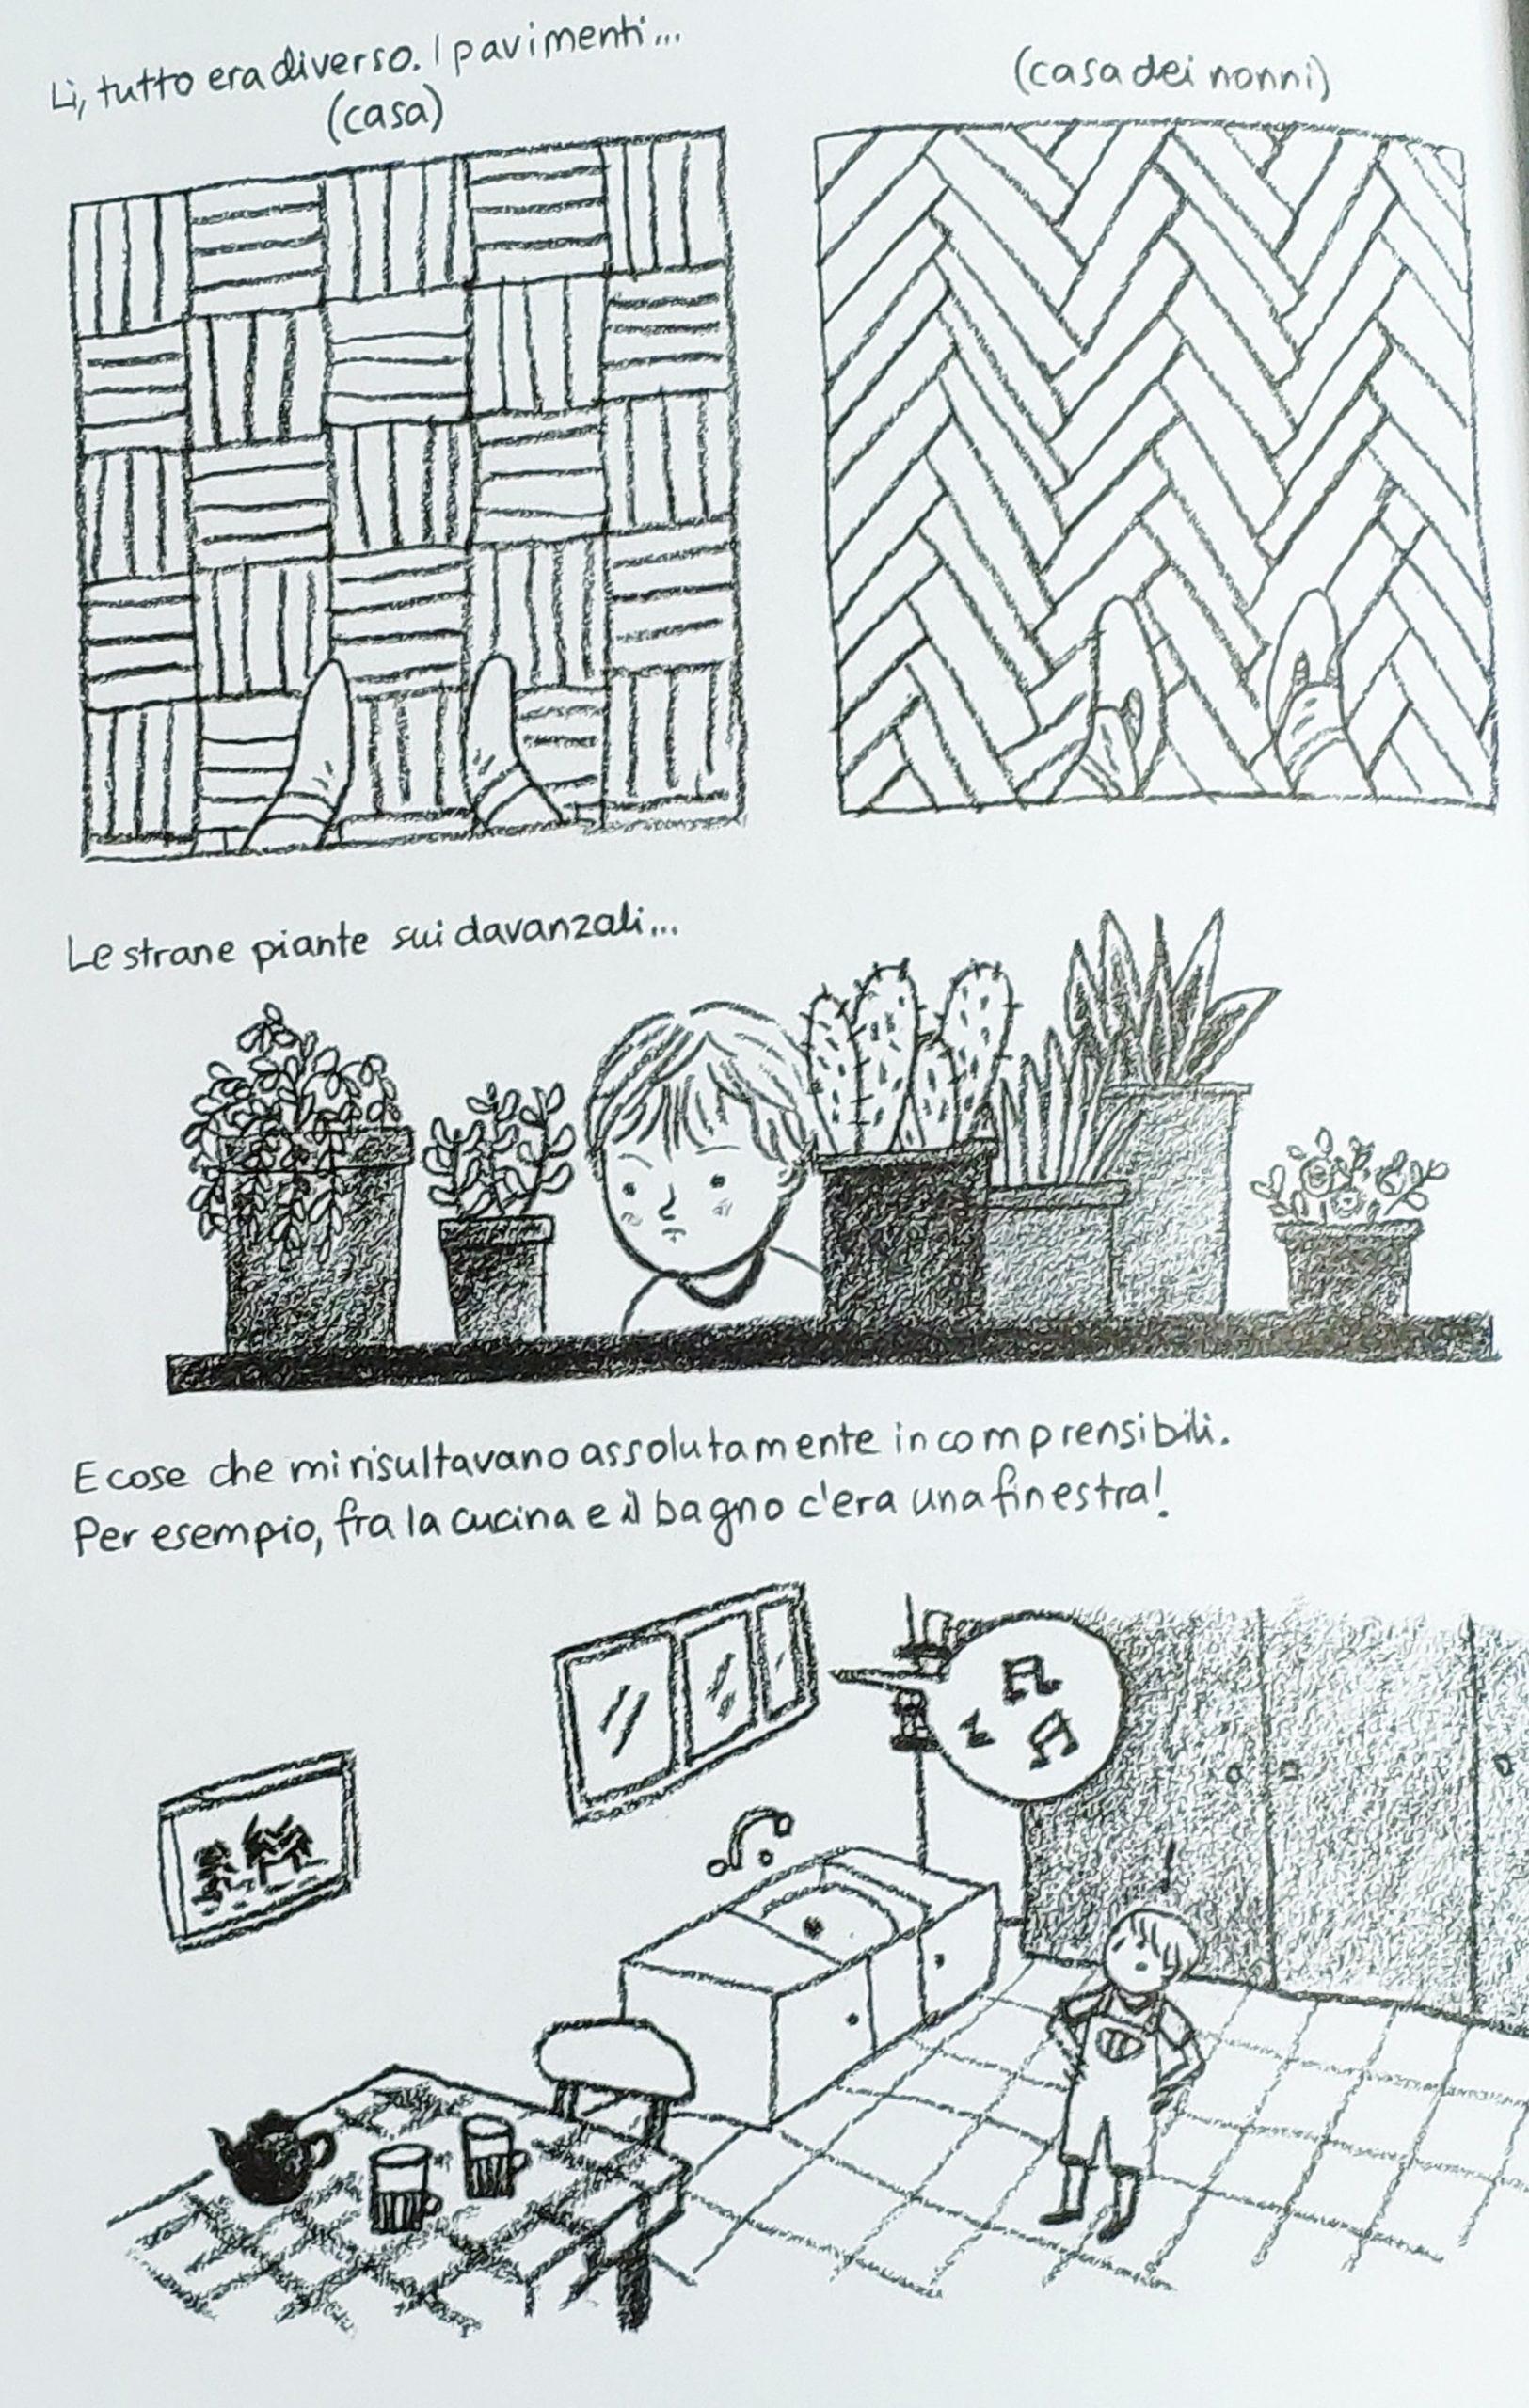 Mio caro fumetto… – Particolarità della casa dei nonni a Pszczelin